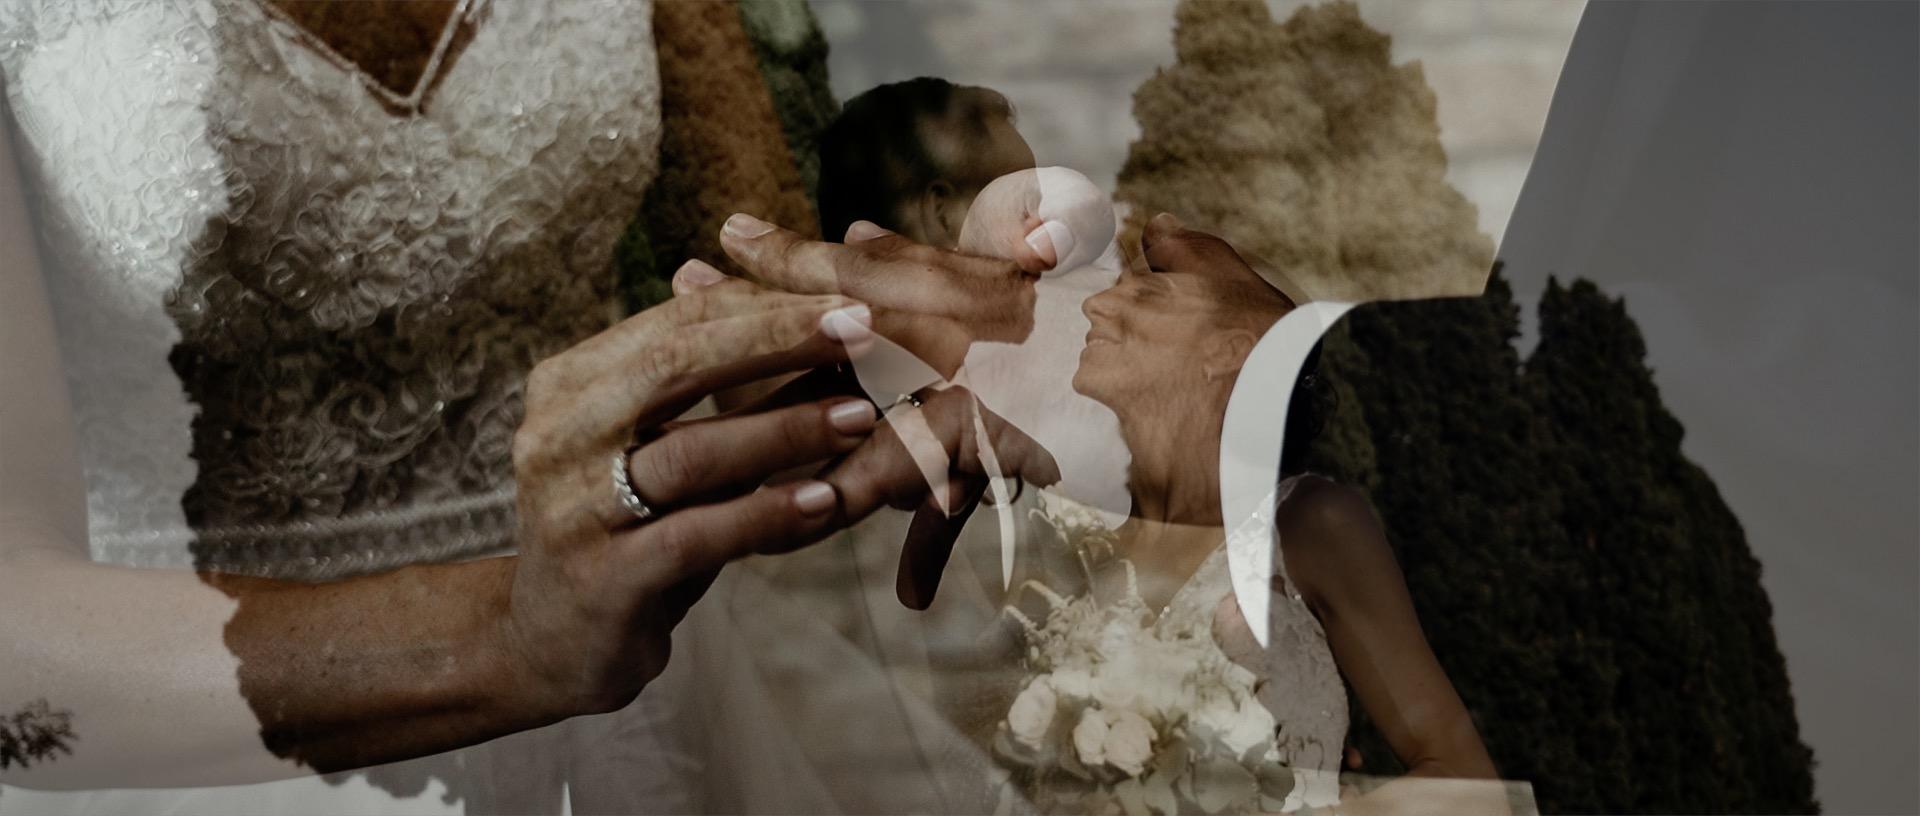 symposium pesaro ricevimento matrimonio